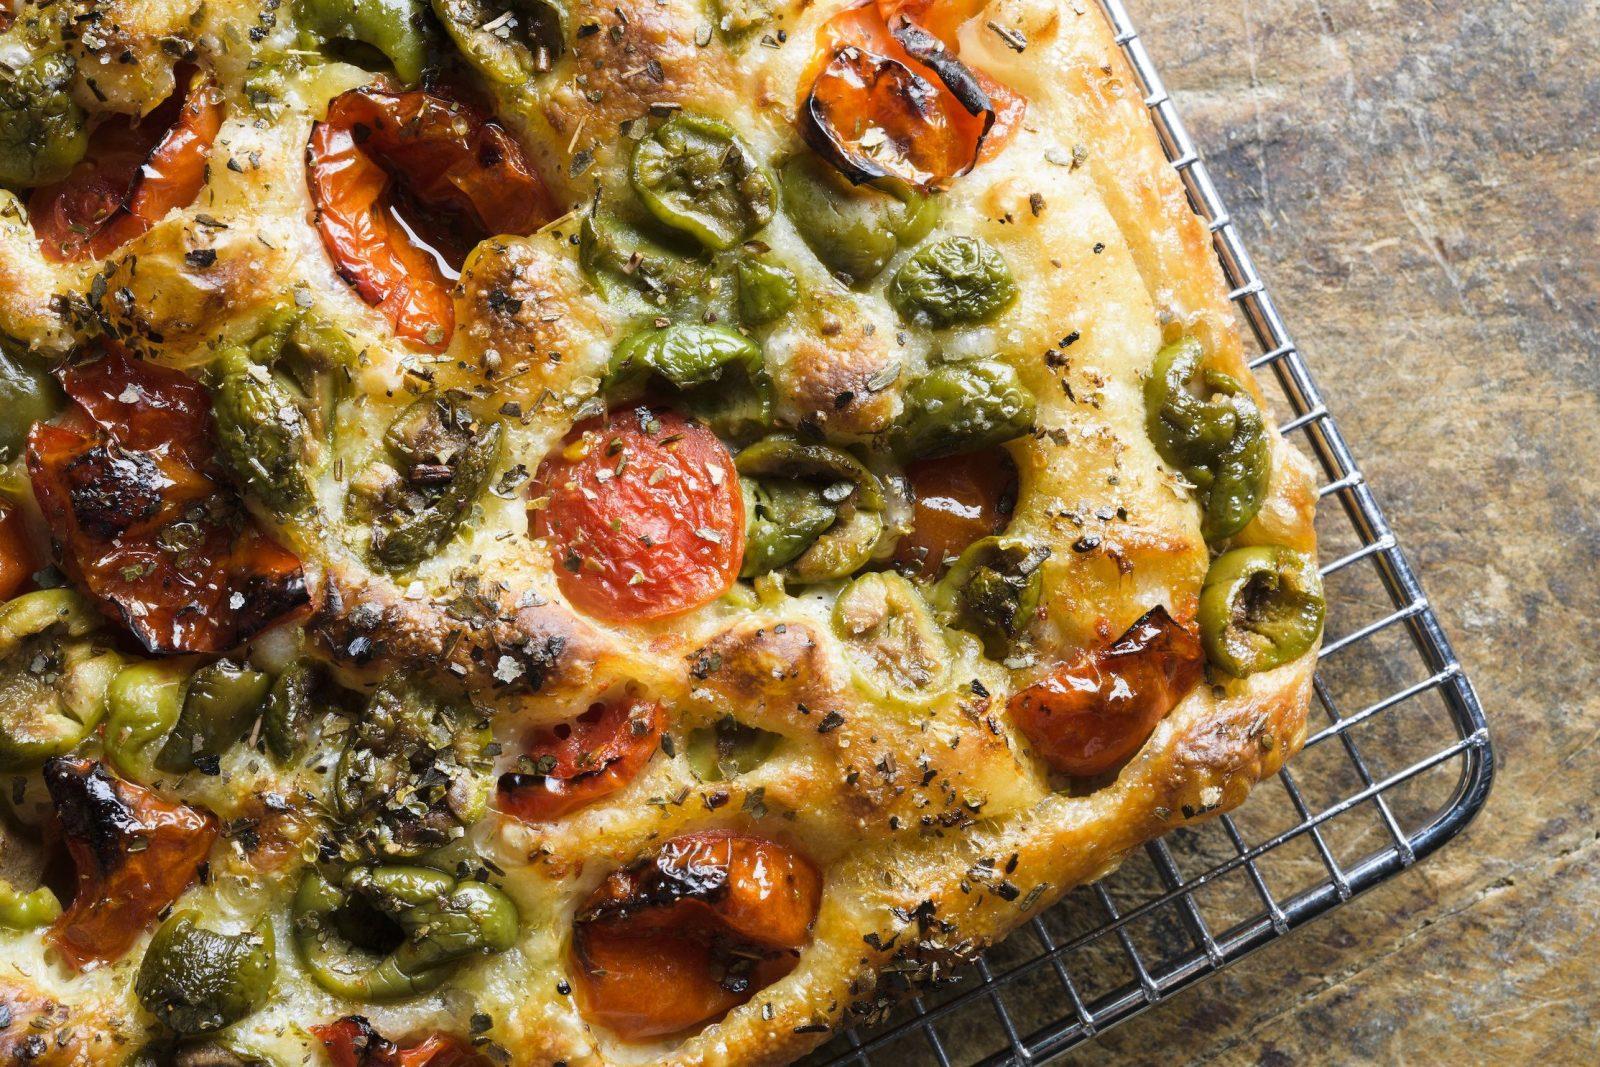 Tomato-Olive Focaccia